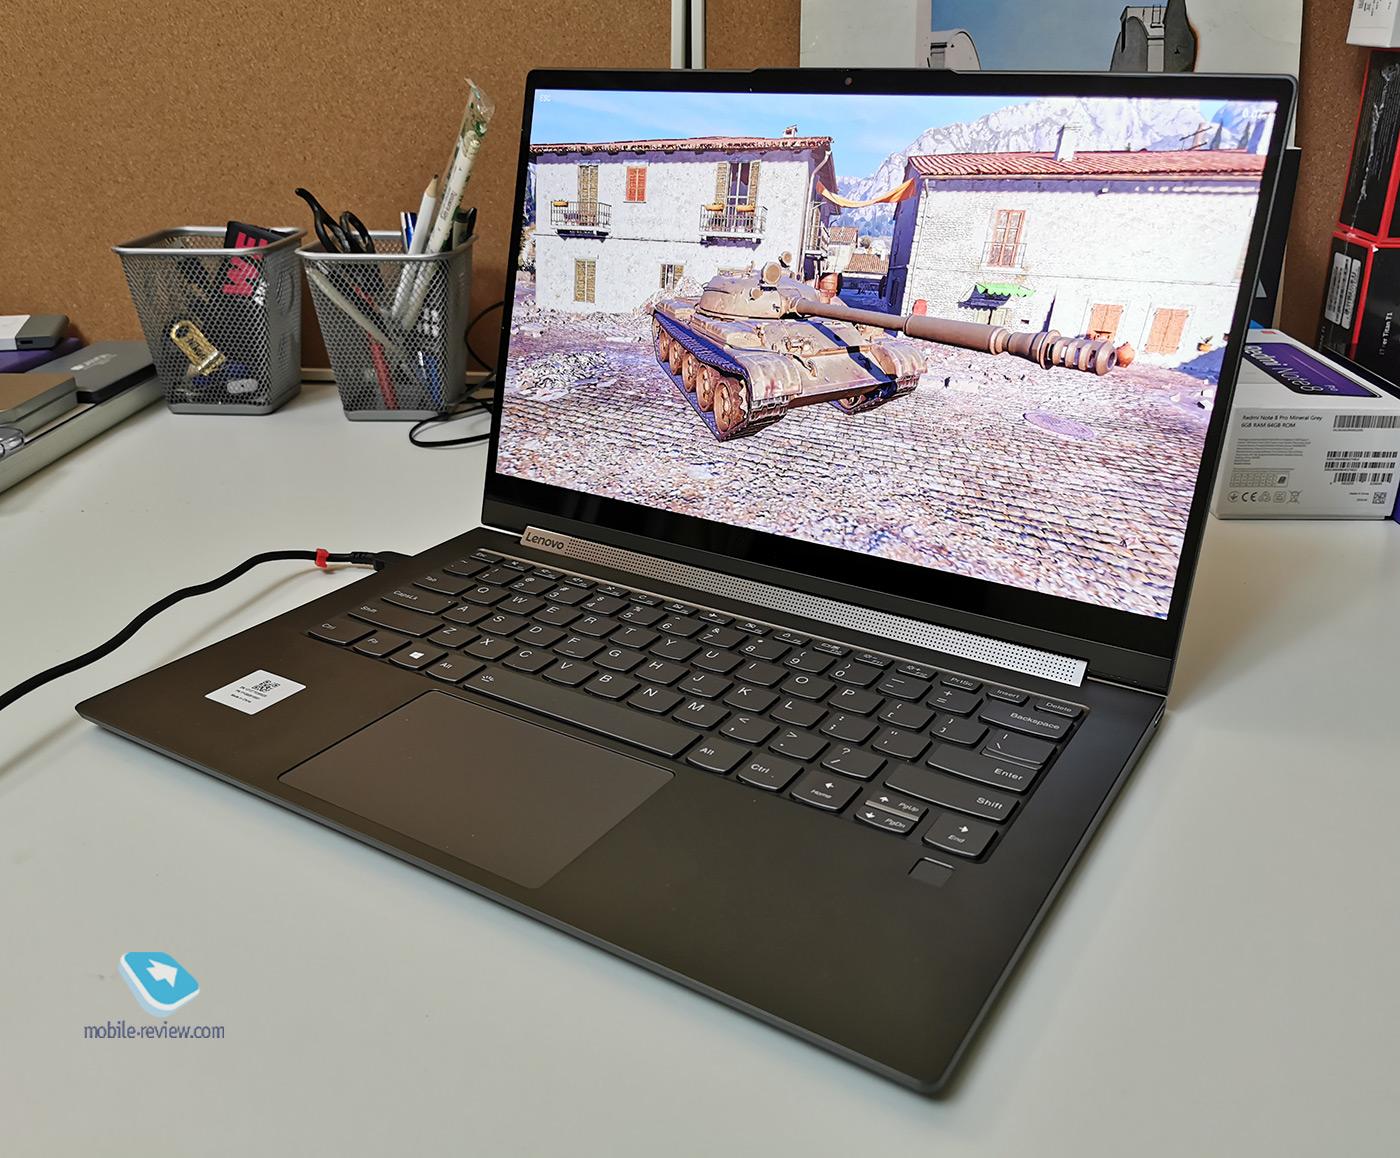 Lenovo Yoga C940: почему ваш следующий ноутбук должен быть на 10th Gen от Intel?